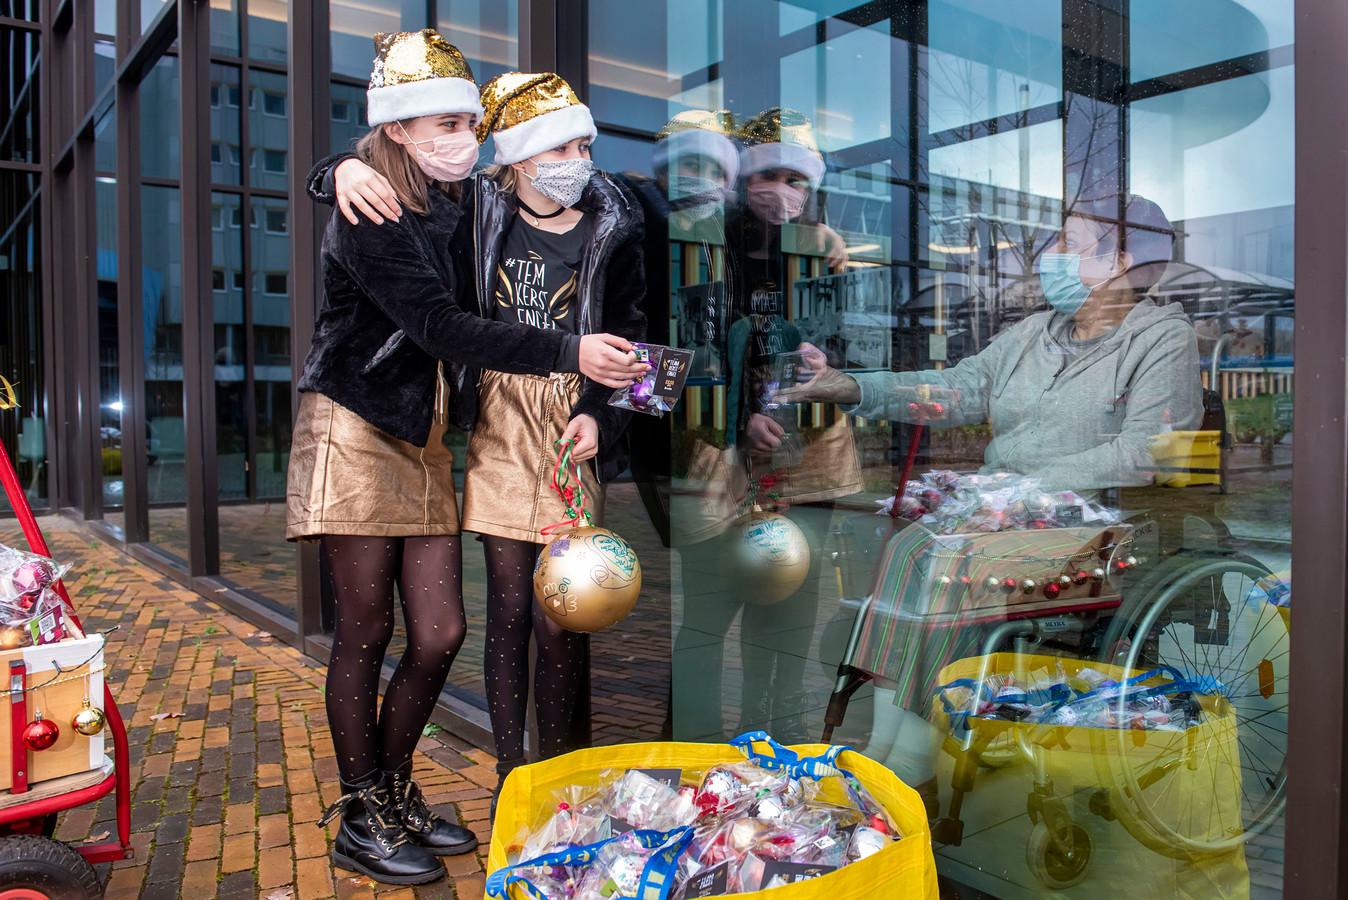 De meiden mogen niet naar binnen, maar patiënt Annie van den Berg uit Dordrecht neemt het cadeau graag aan.